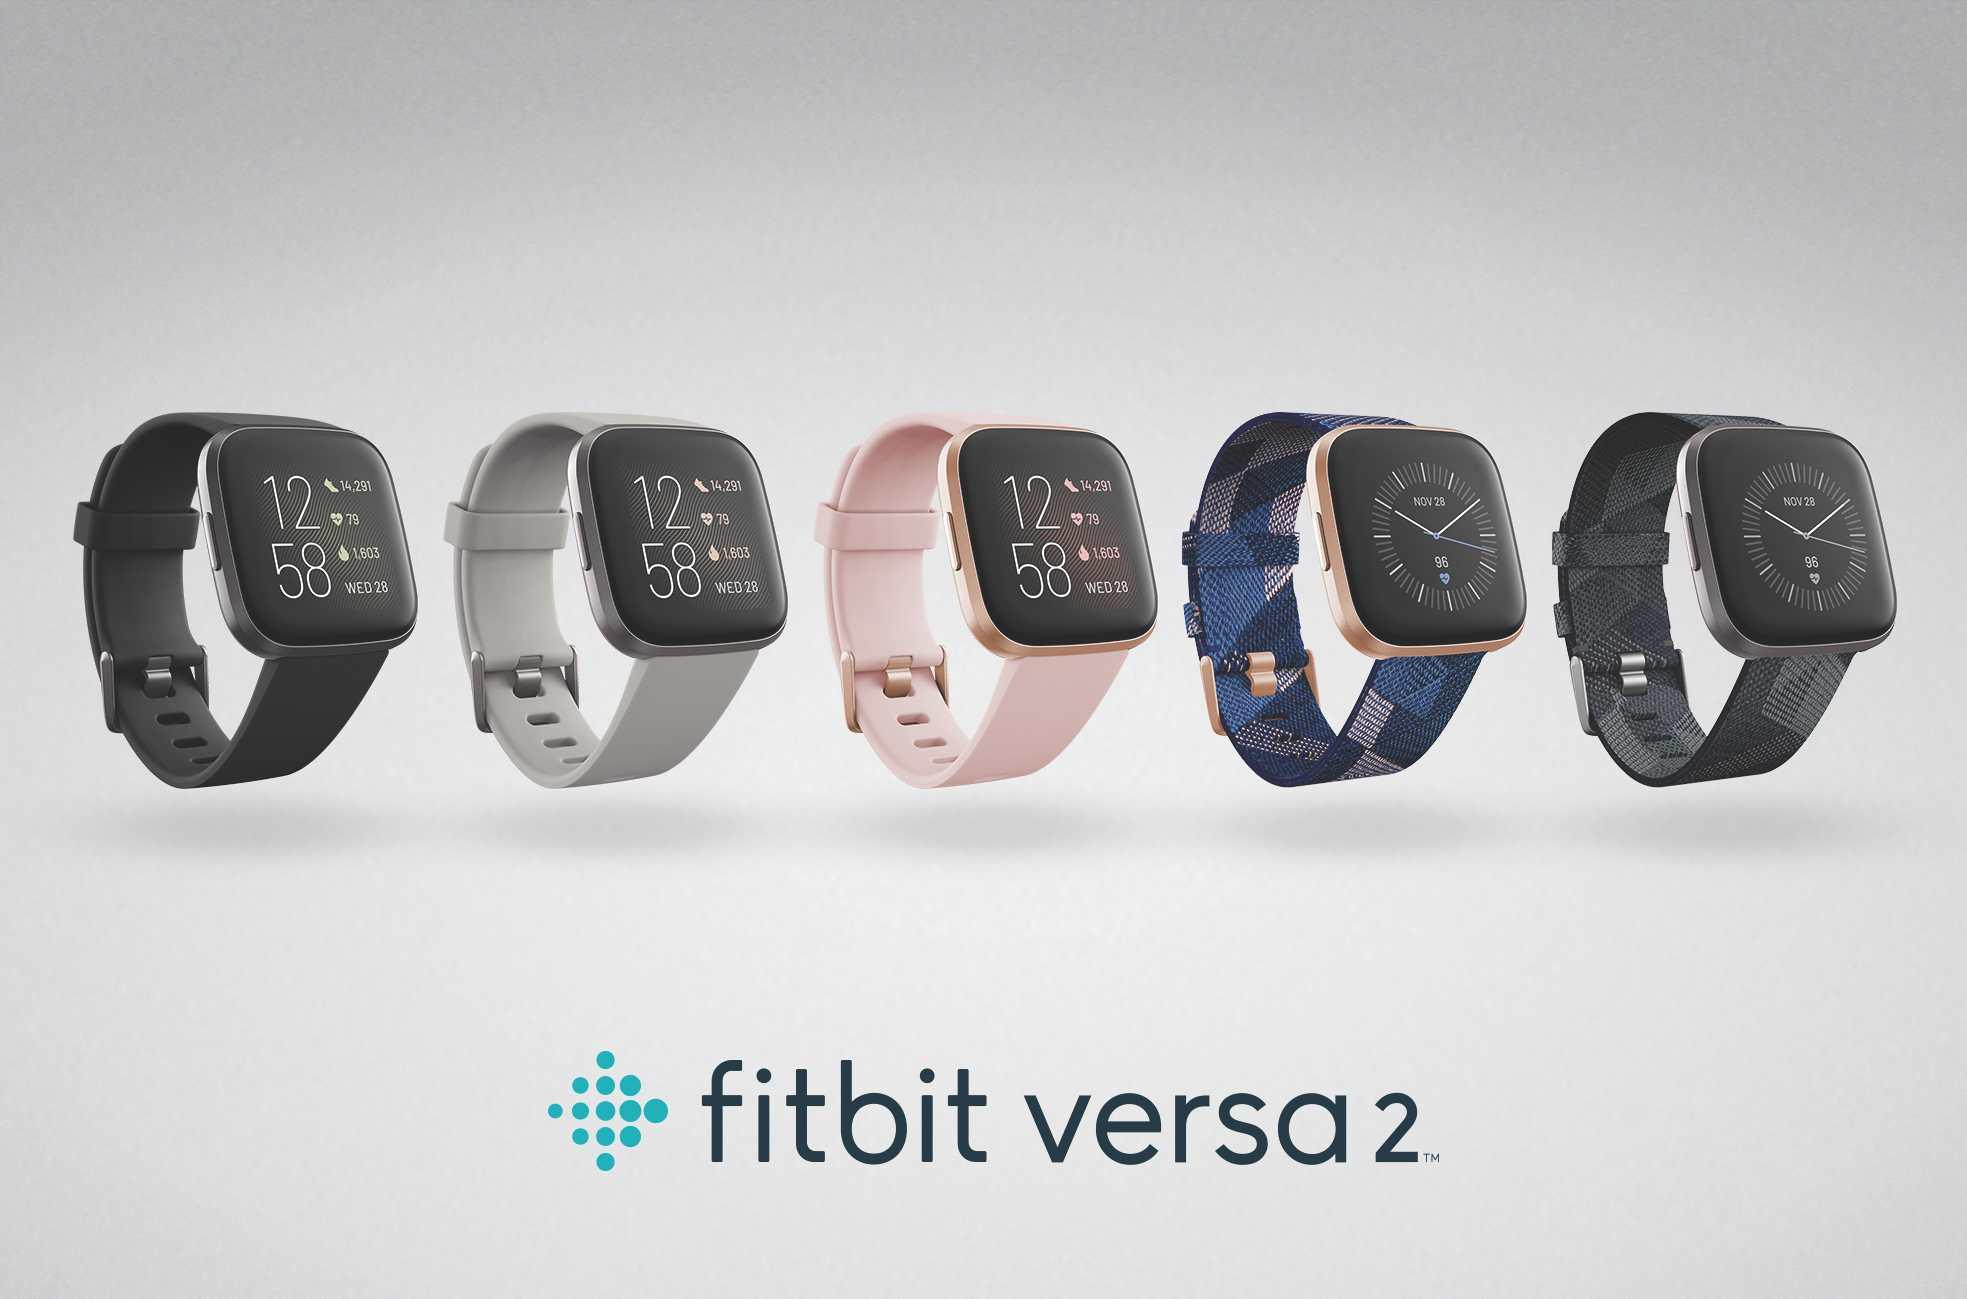 Fitbit Versa 2 jsou nové chytré hodinky, stojí 199,95 eur